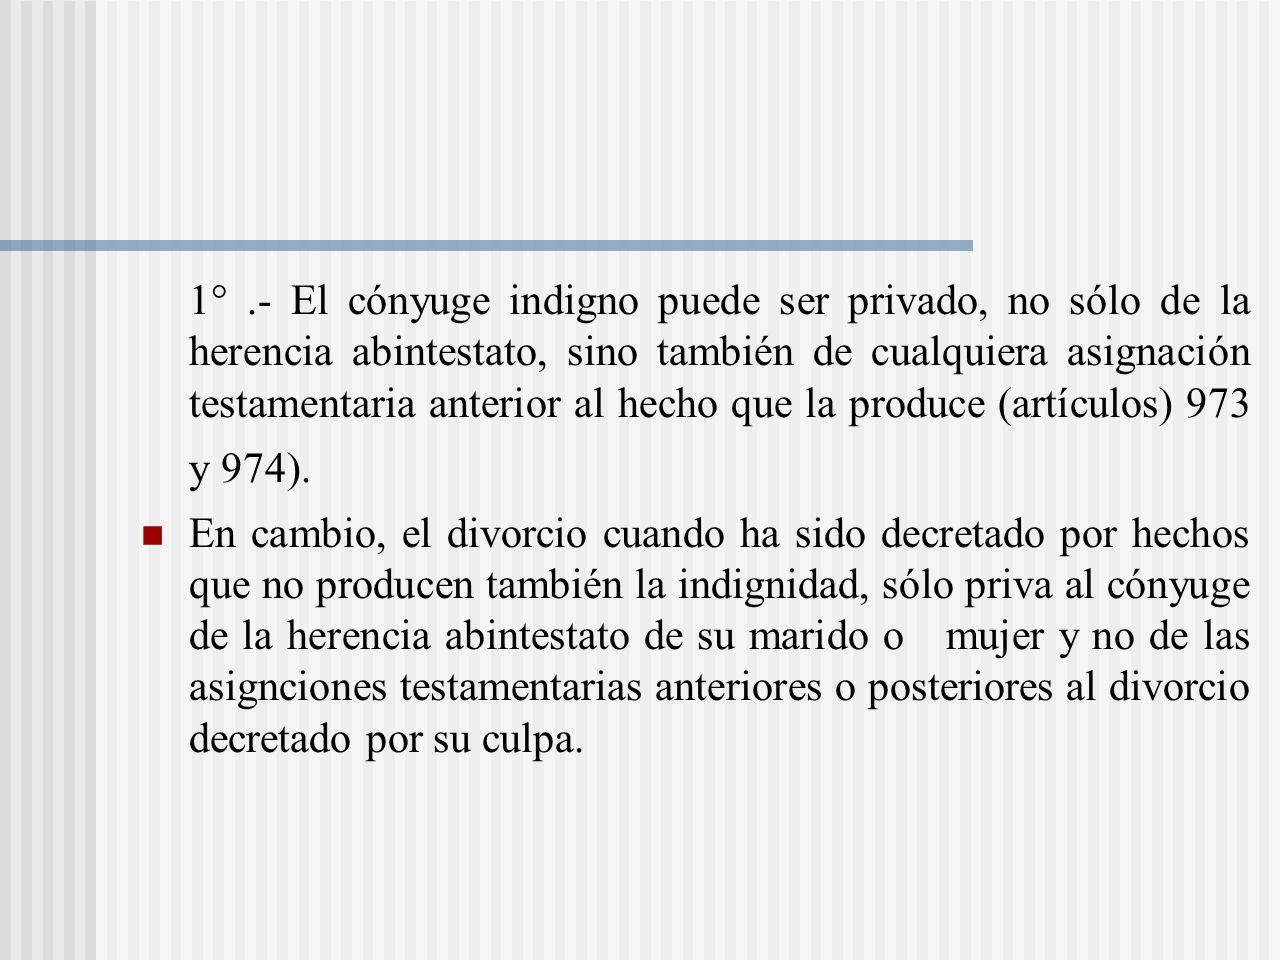 1° .- El cónyuge indigno puede ser privado, no sólo de la herencia abintestato, sino también de cualquiera asignación testamentaria anterior al hecho que la produce (artículos) 973 y 974).